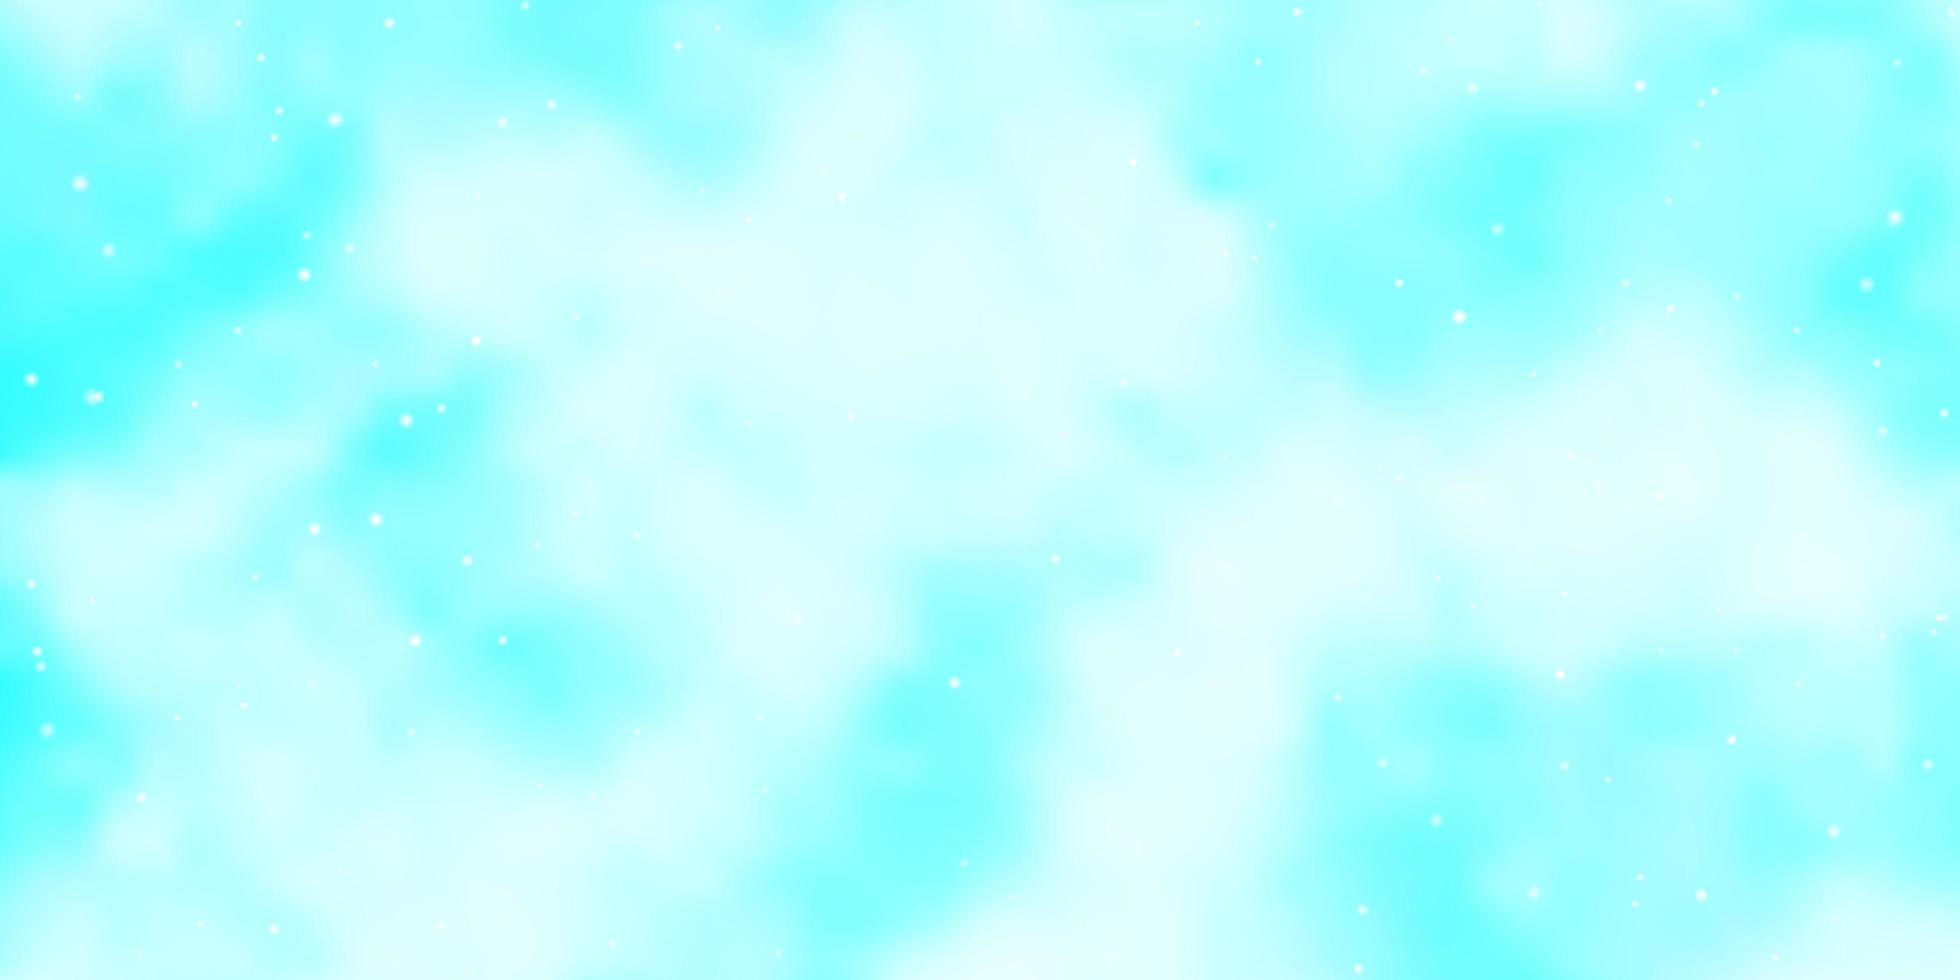 sfondo vettoriale azzurro con stelle colorate.